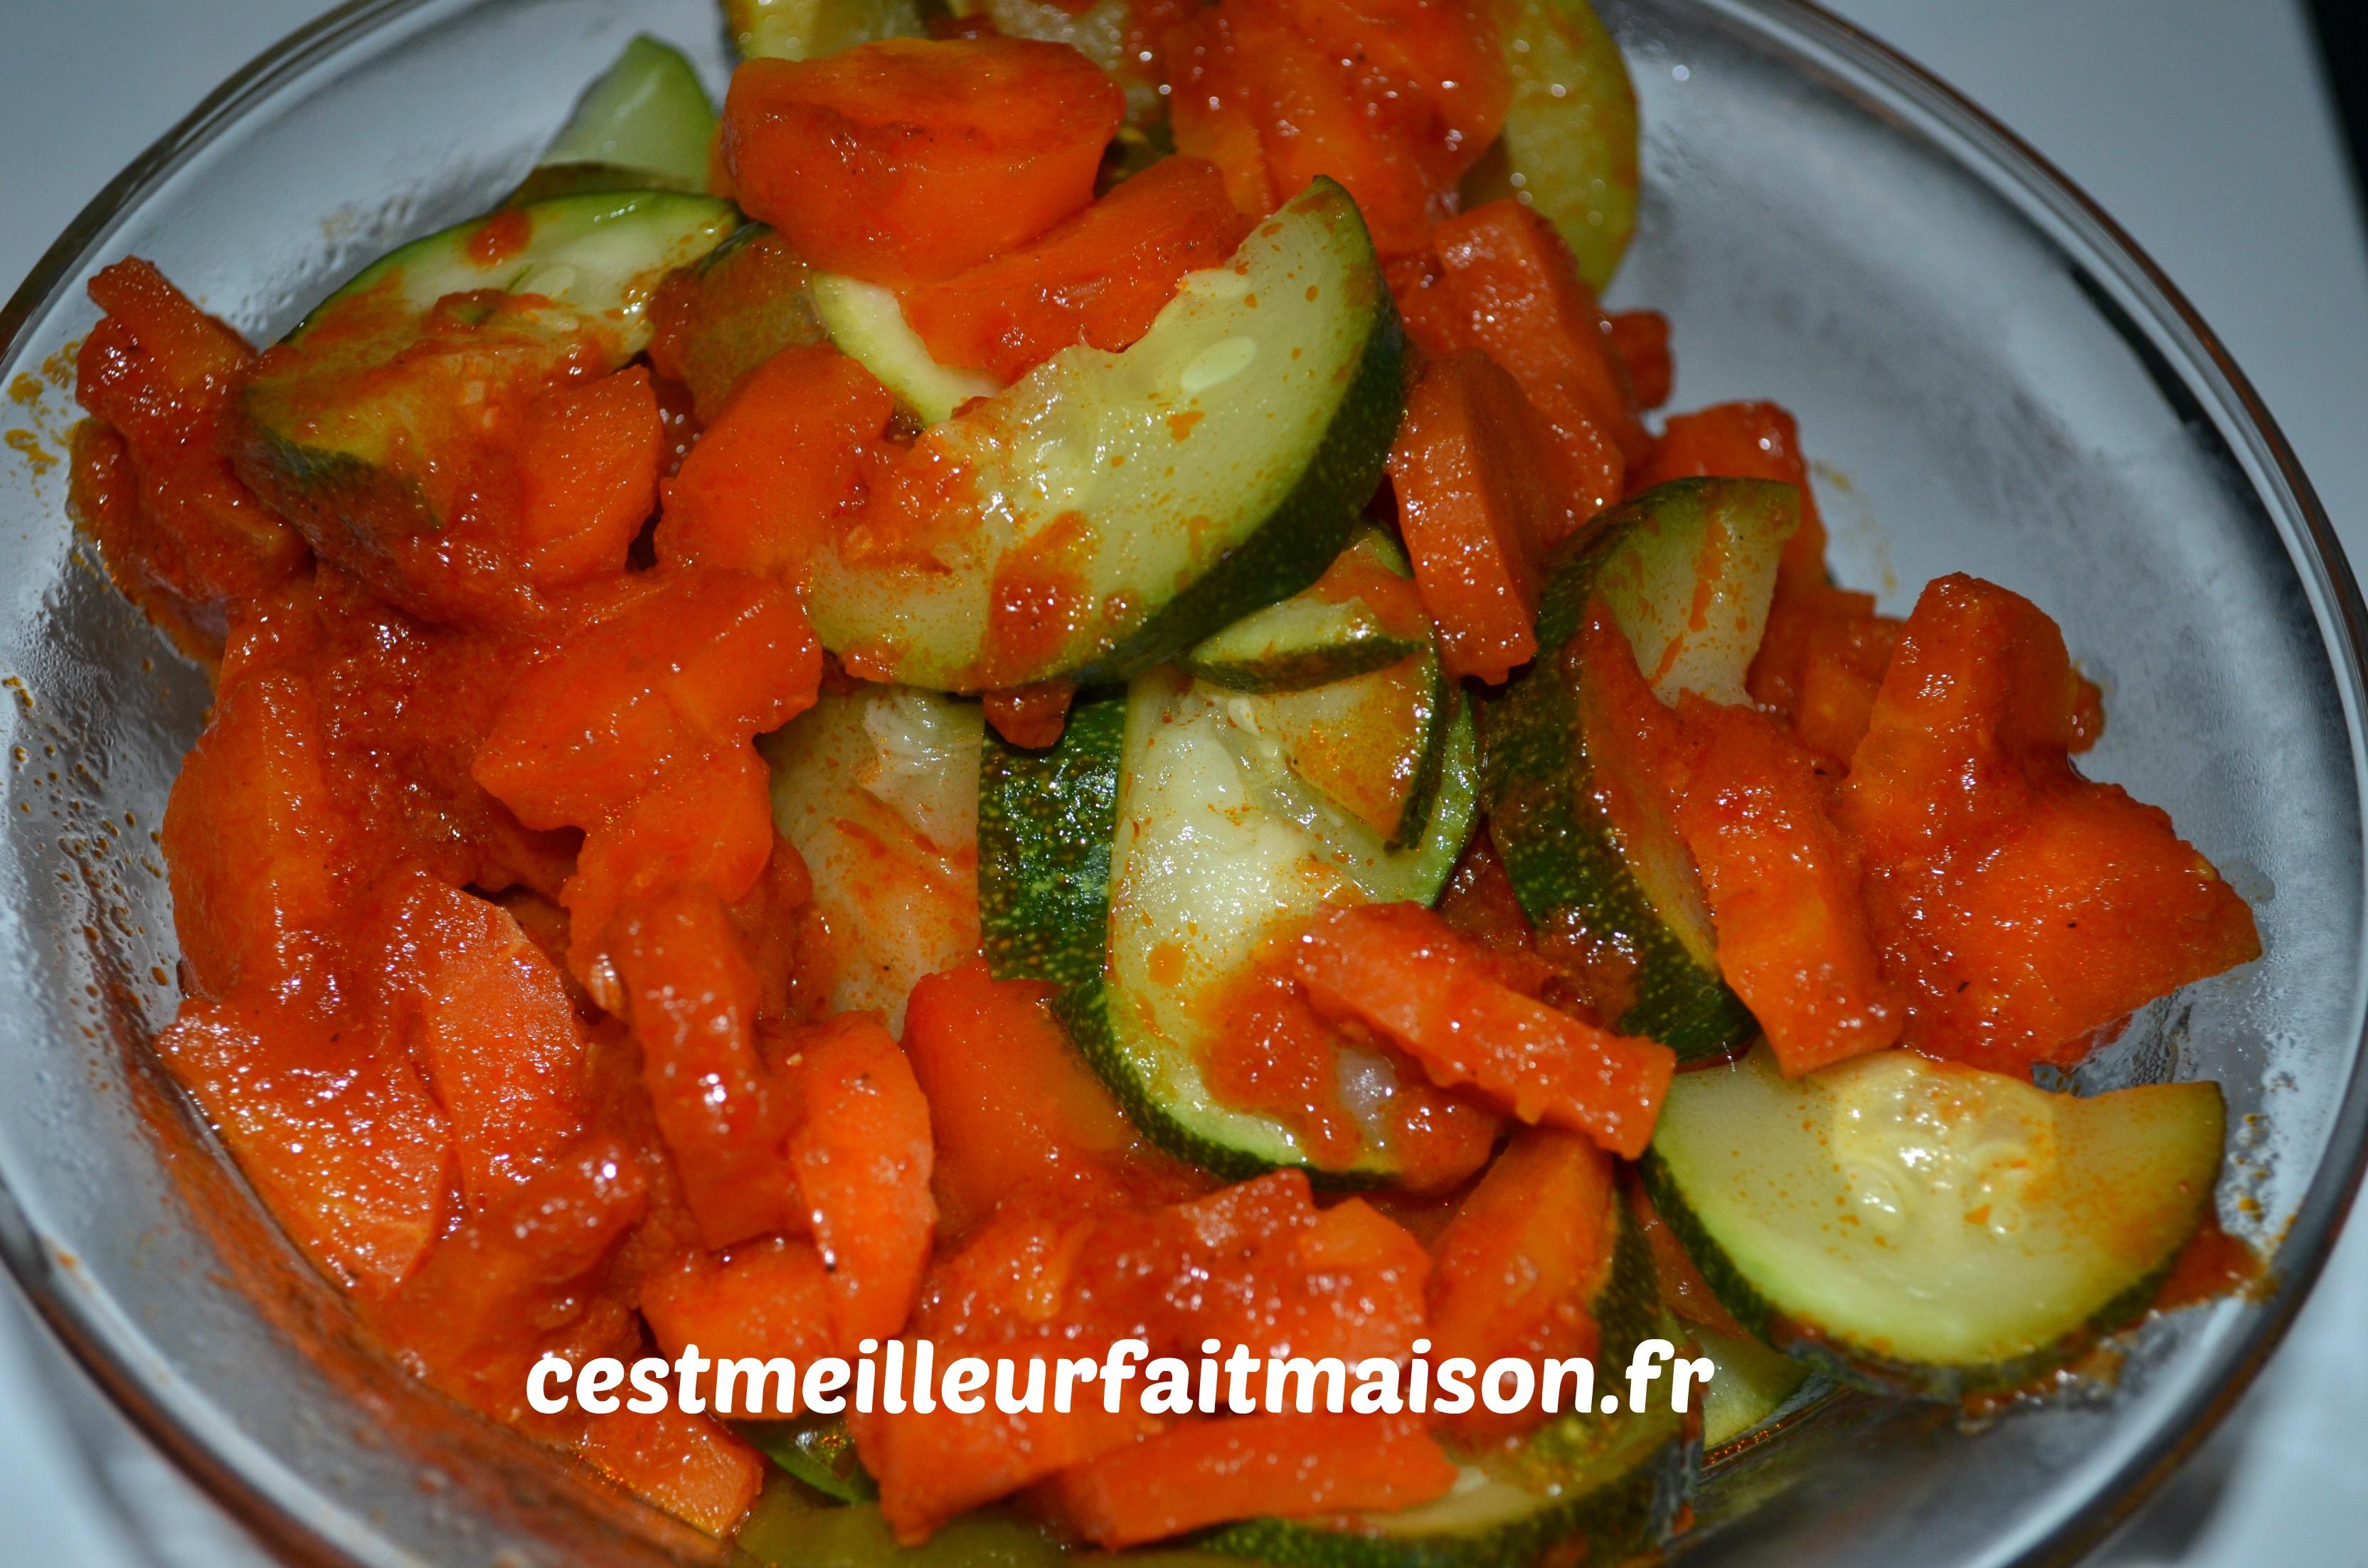 Poulet mariné aux légumes